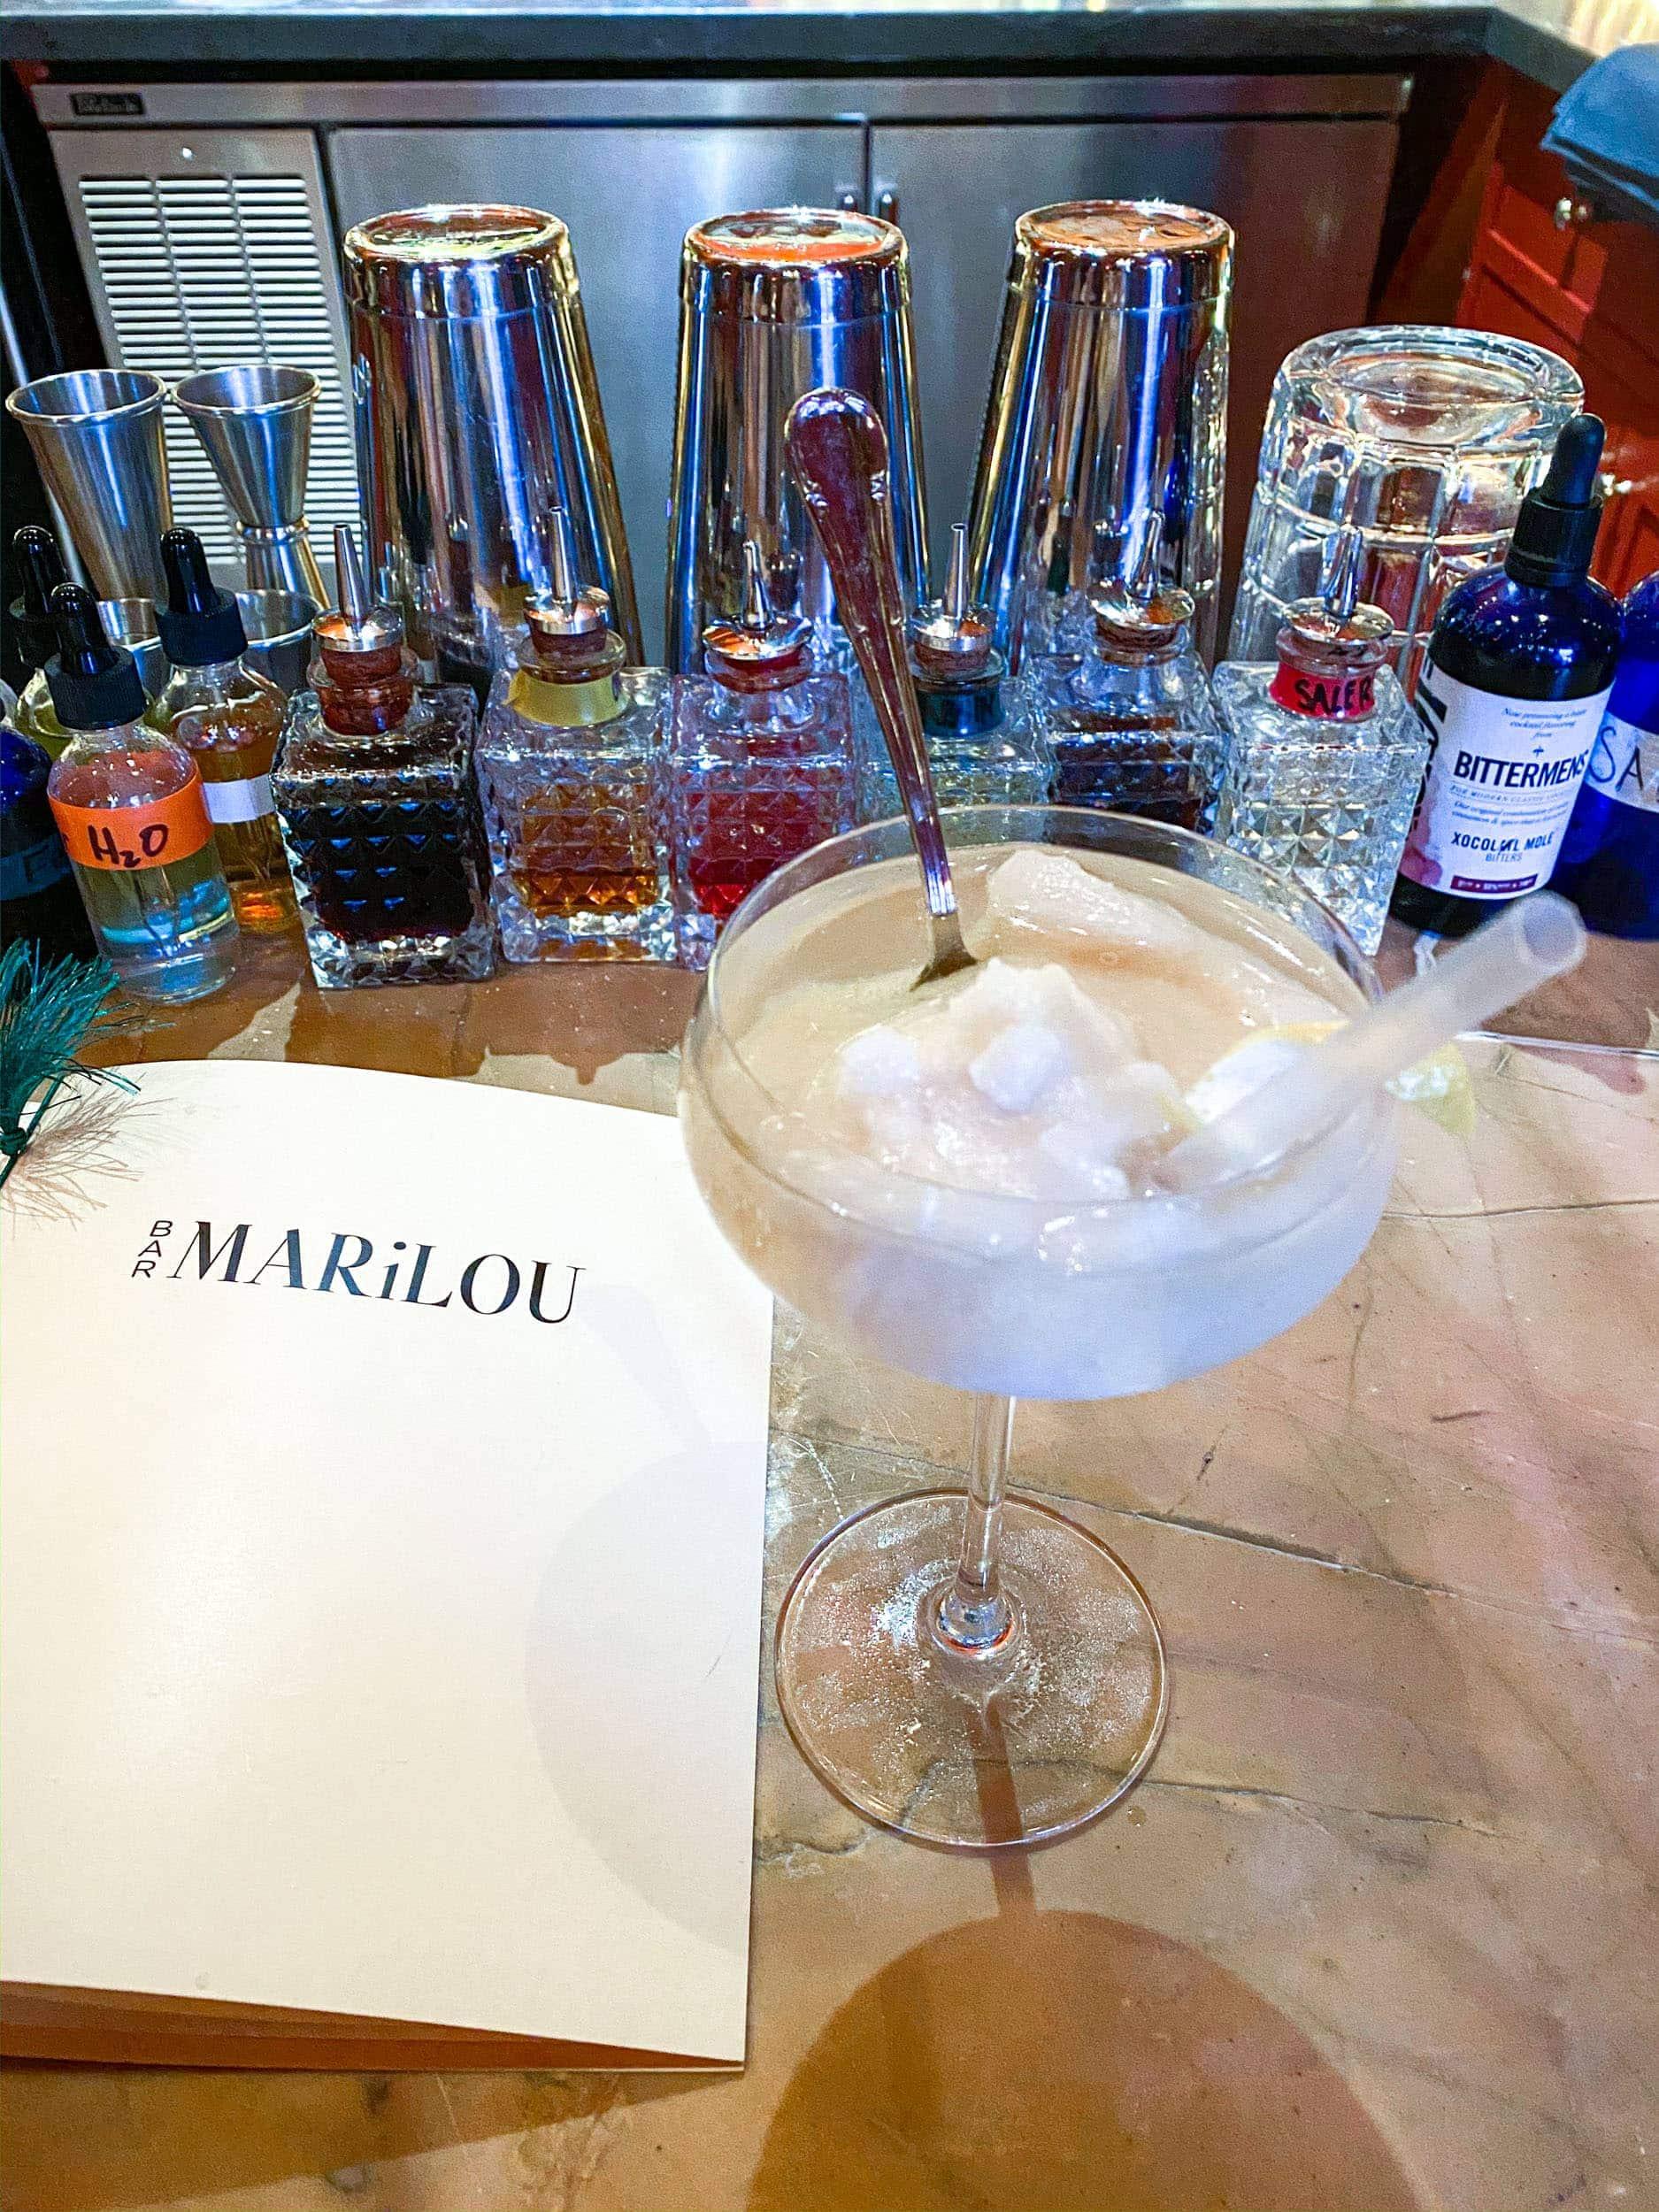 Tequila slushee at Bar Marilou